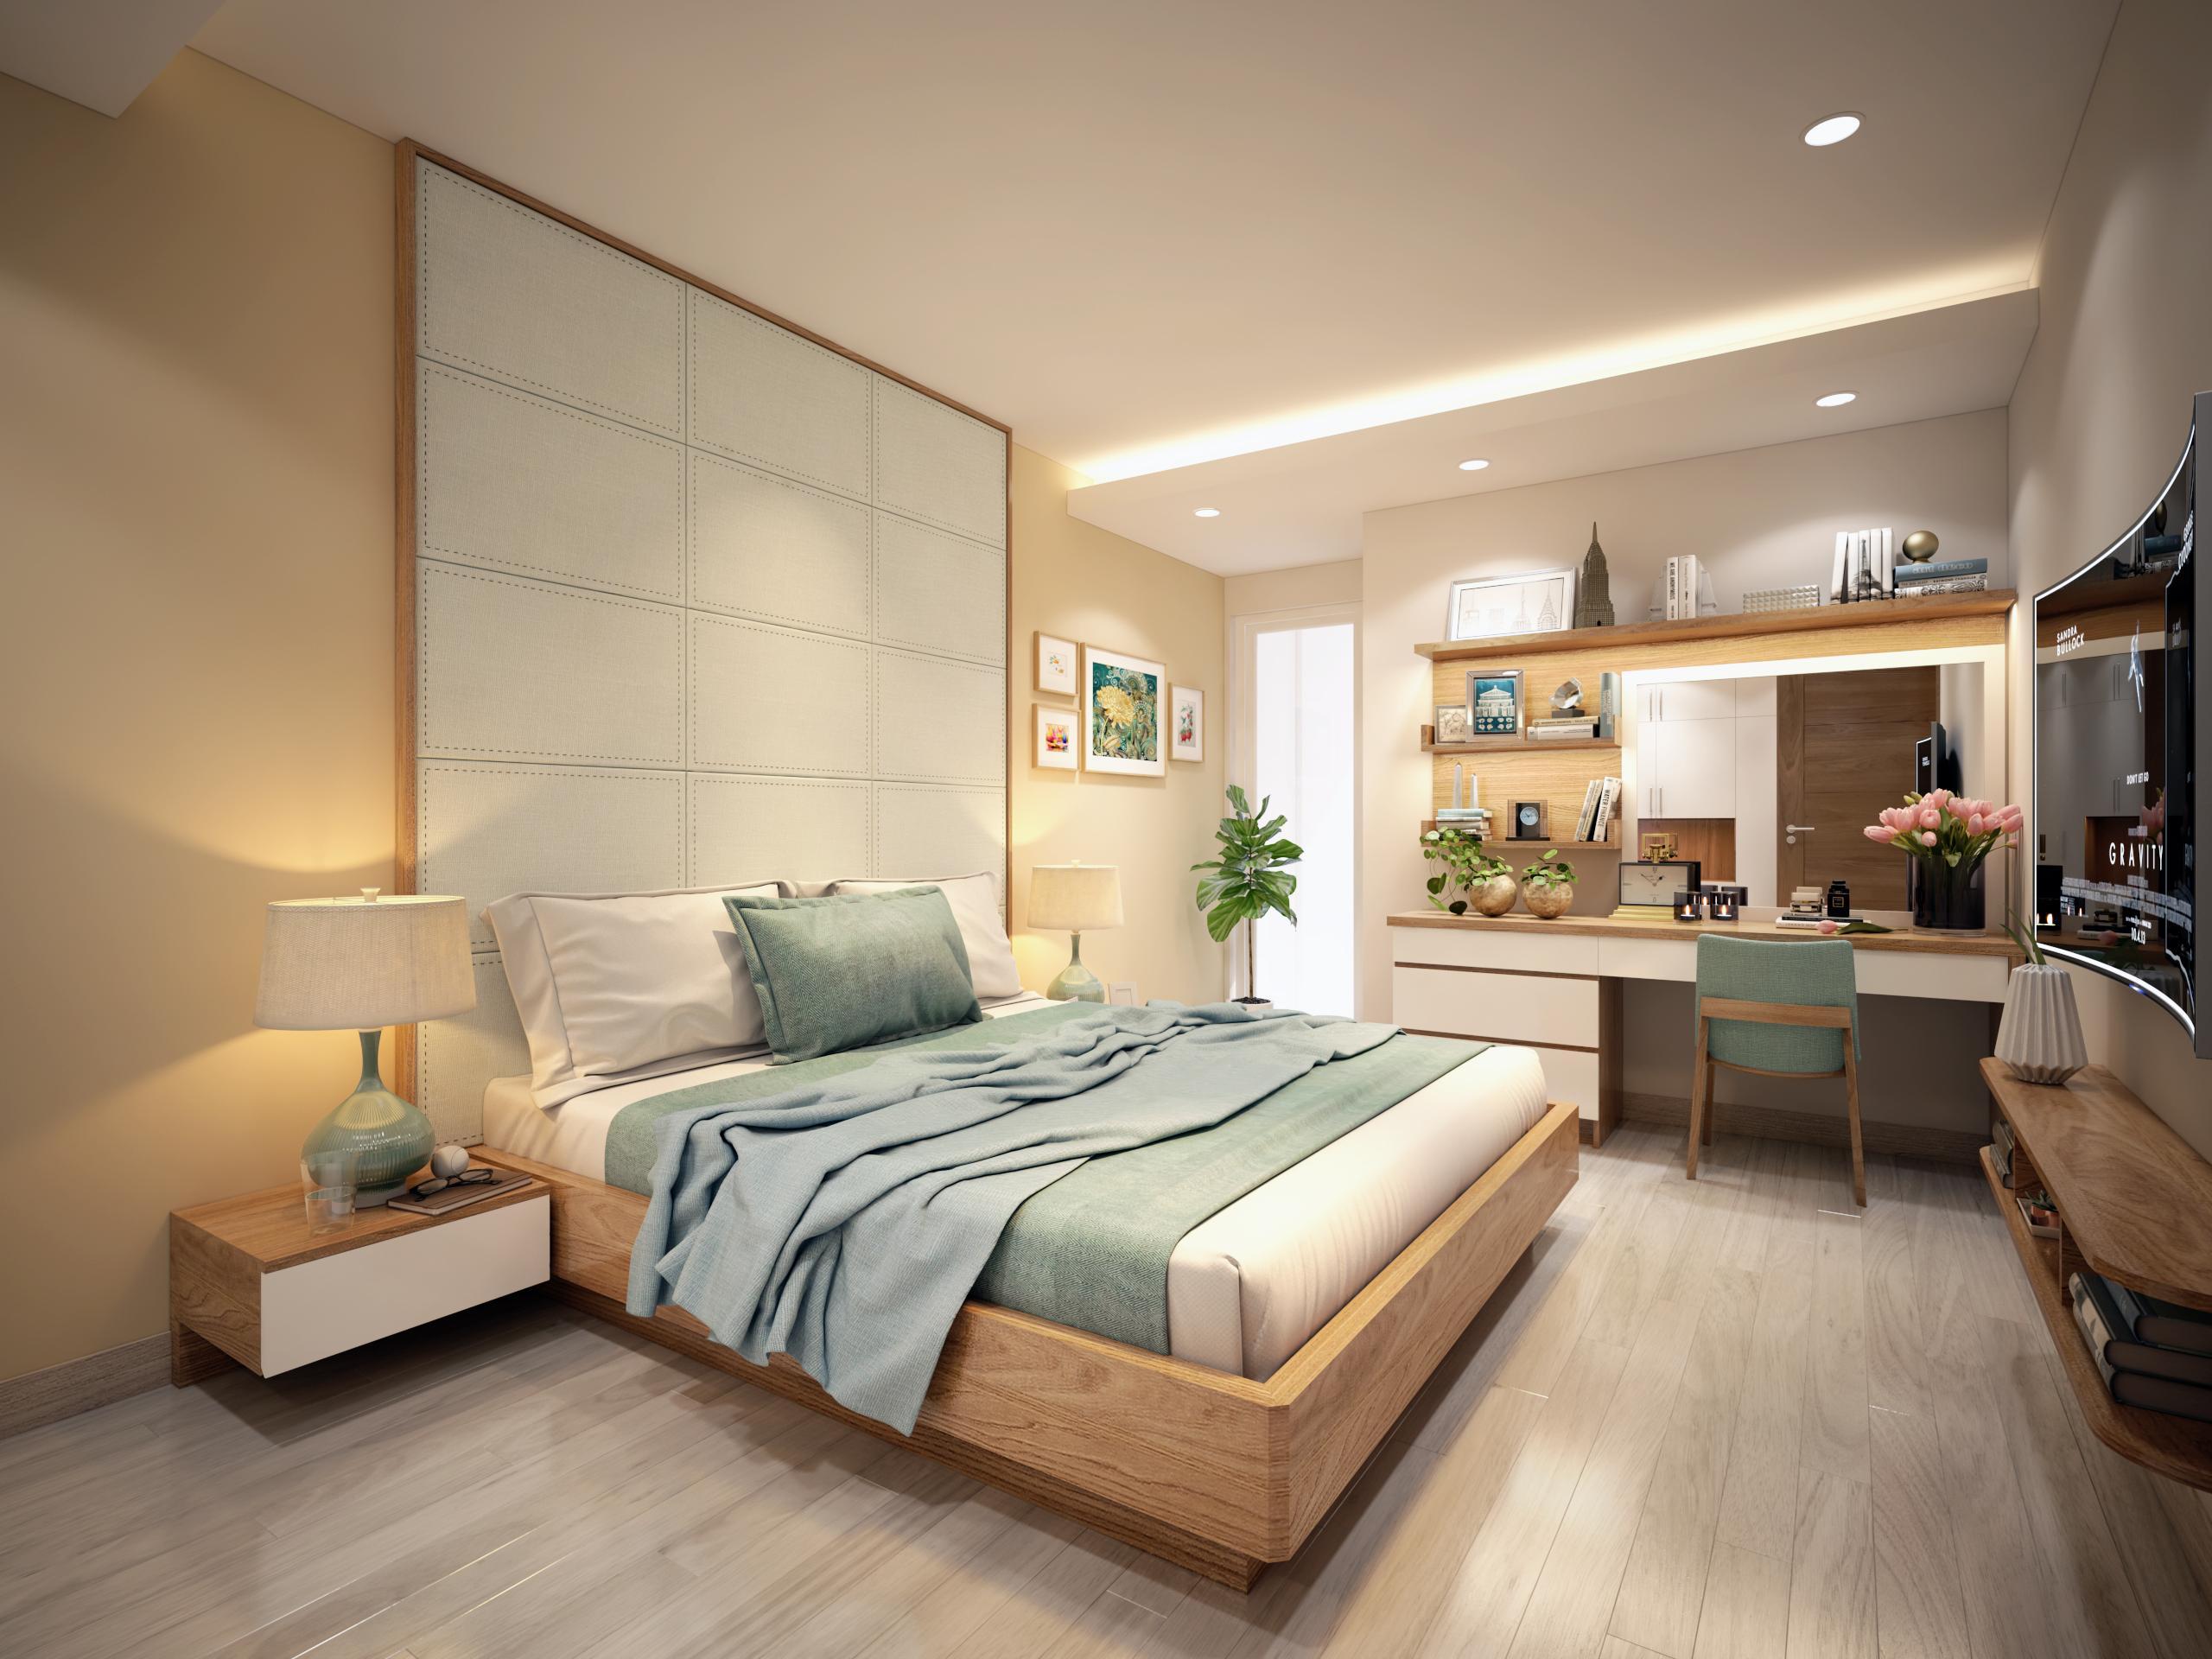 Thiết kế nội thất căn hộ chung cư Mandarin Garden 2 - Nội Thất AGOO